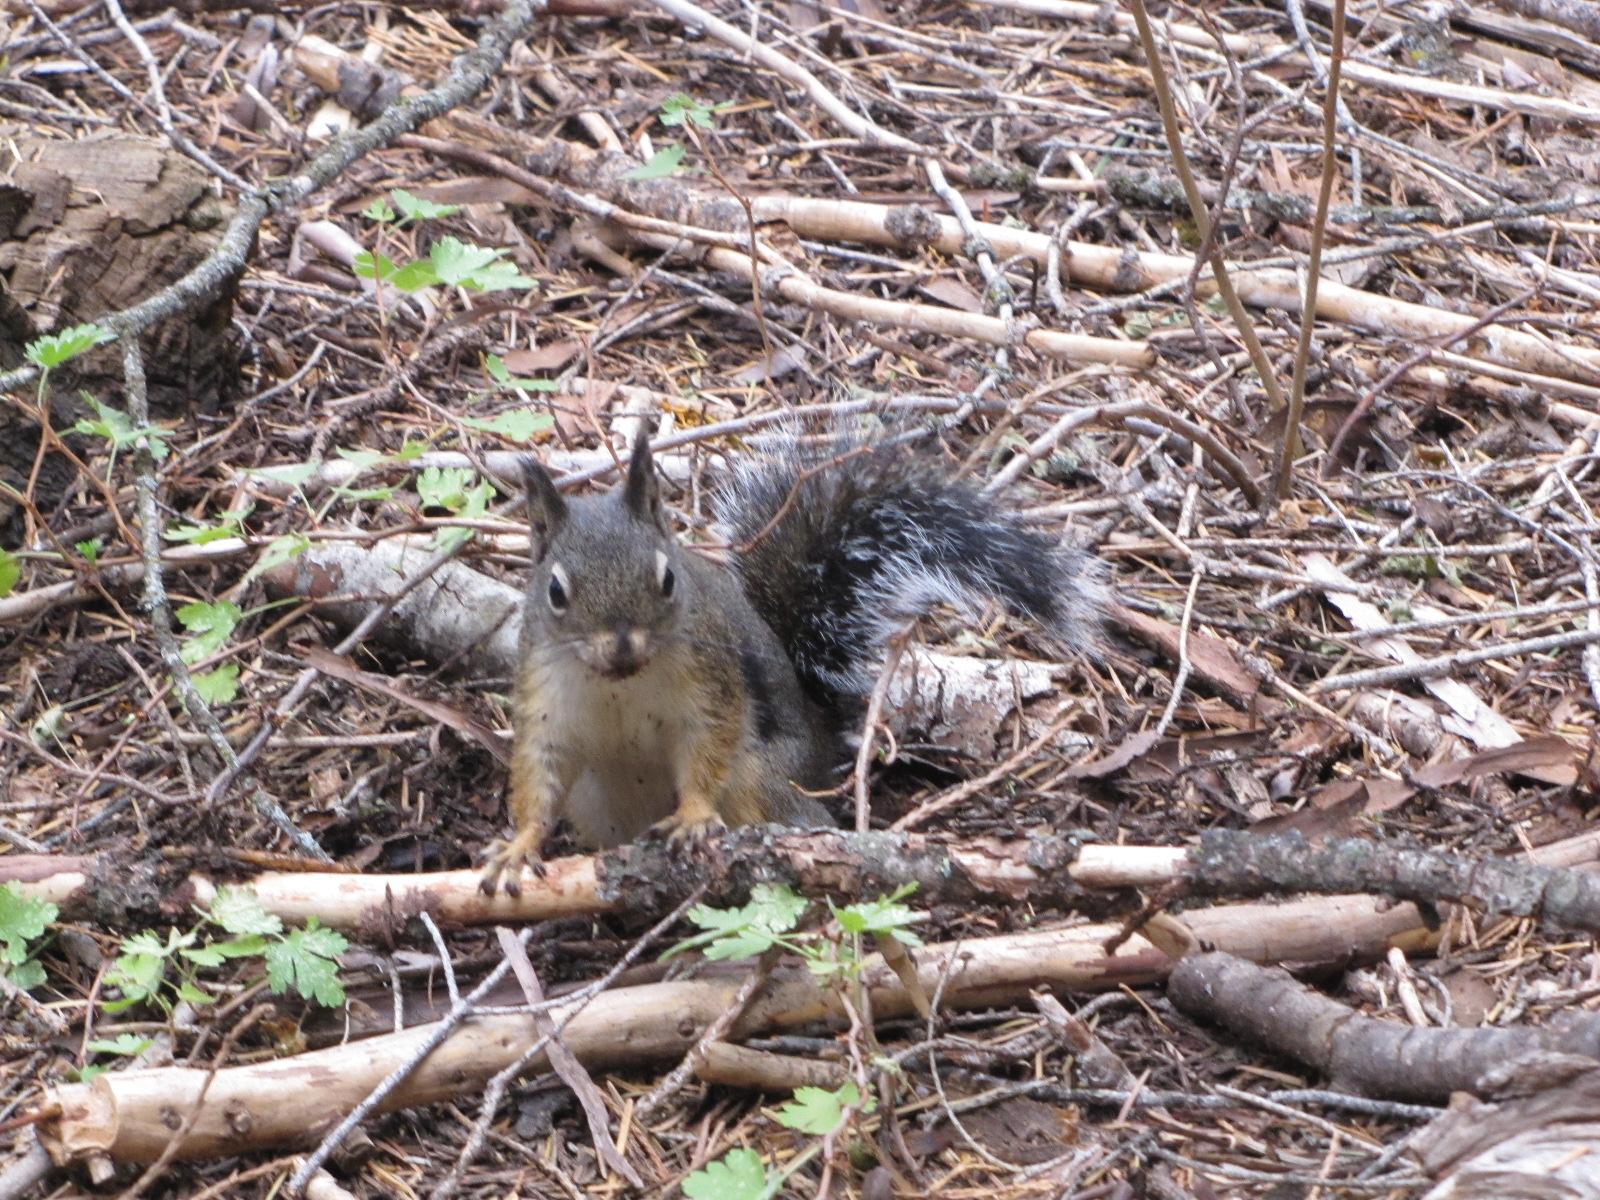 ecureil Sequoia Park